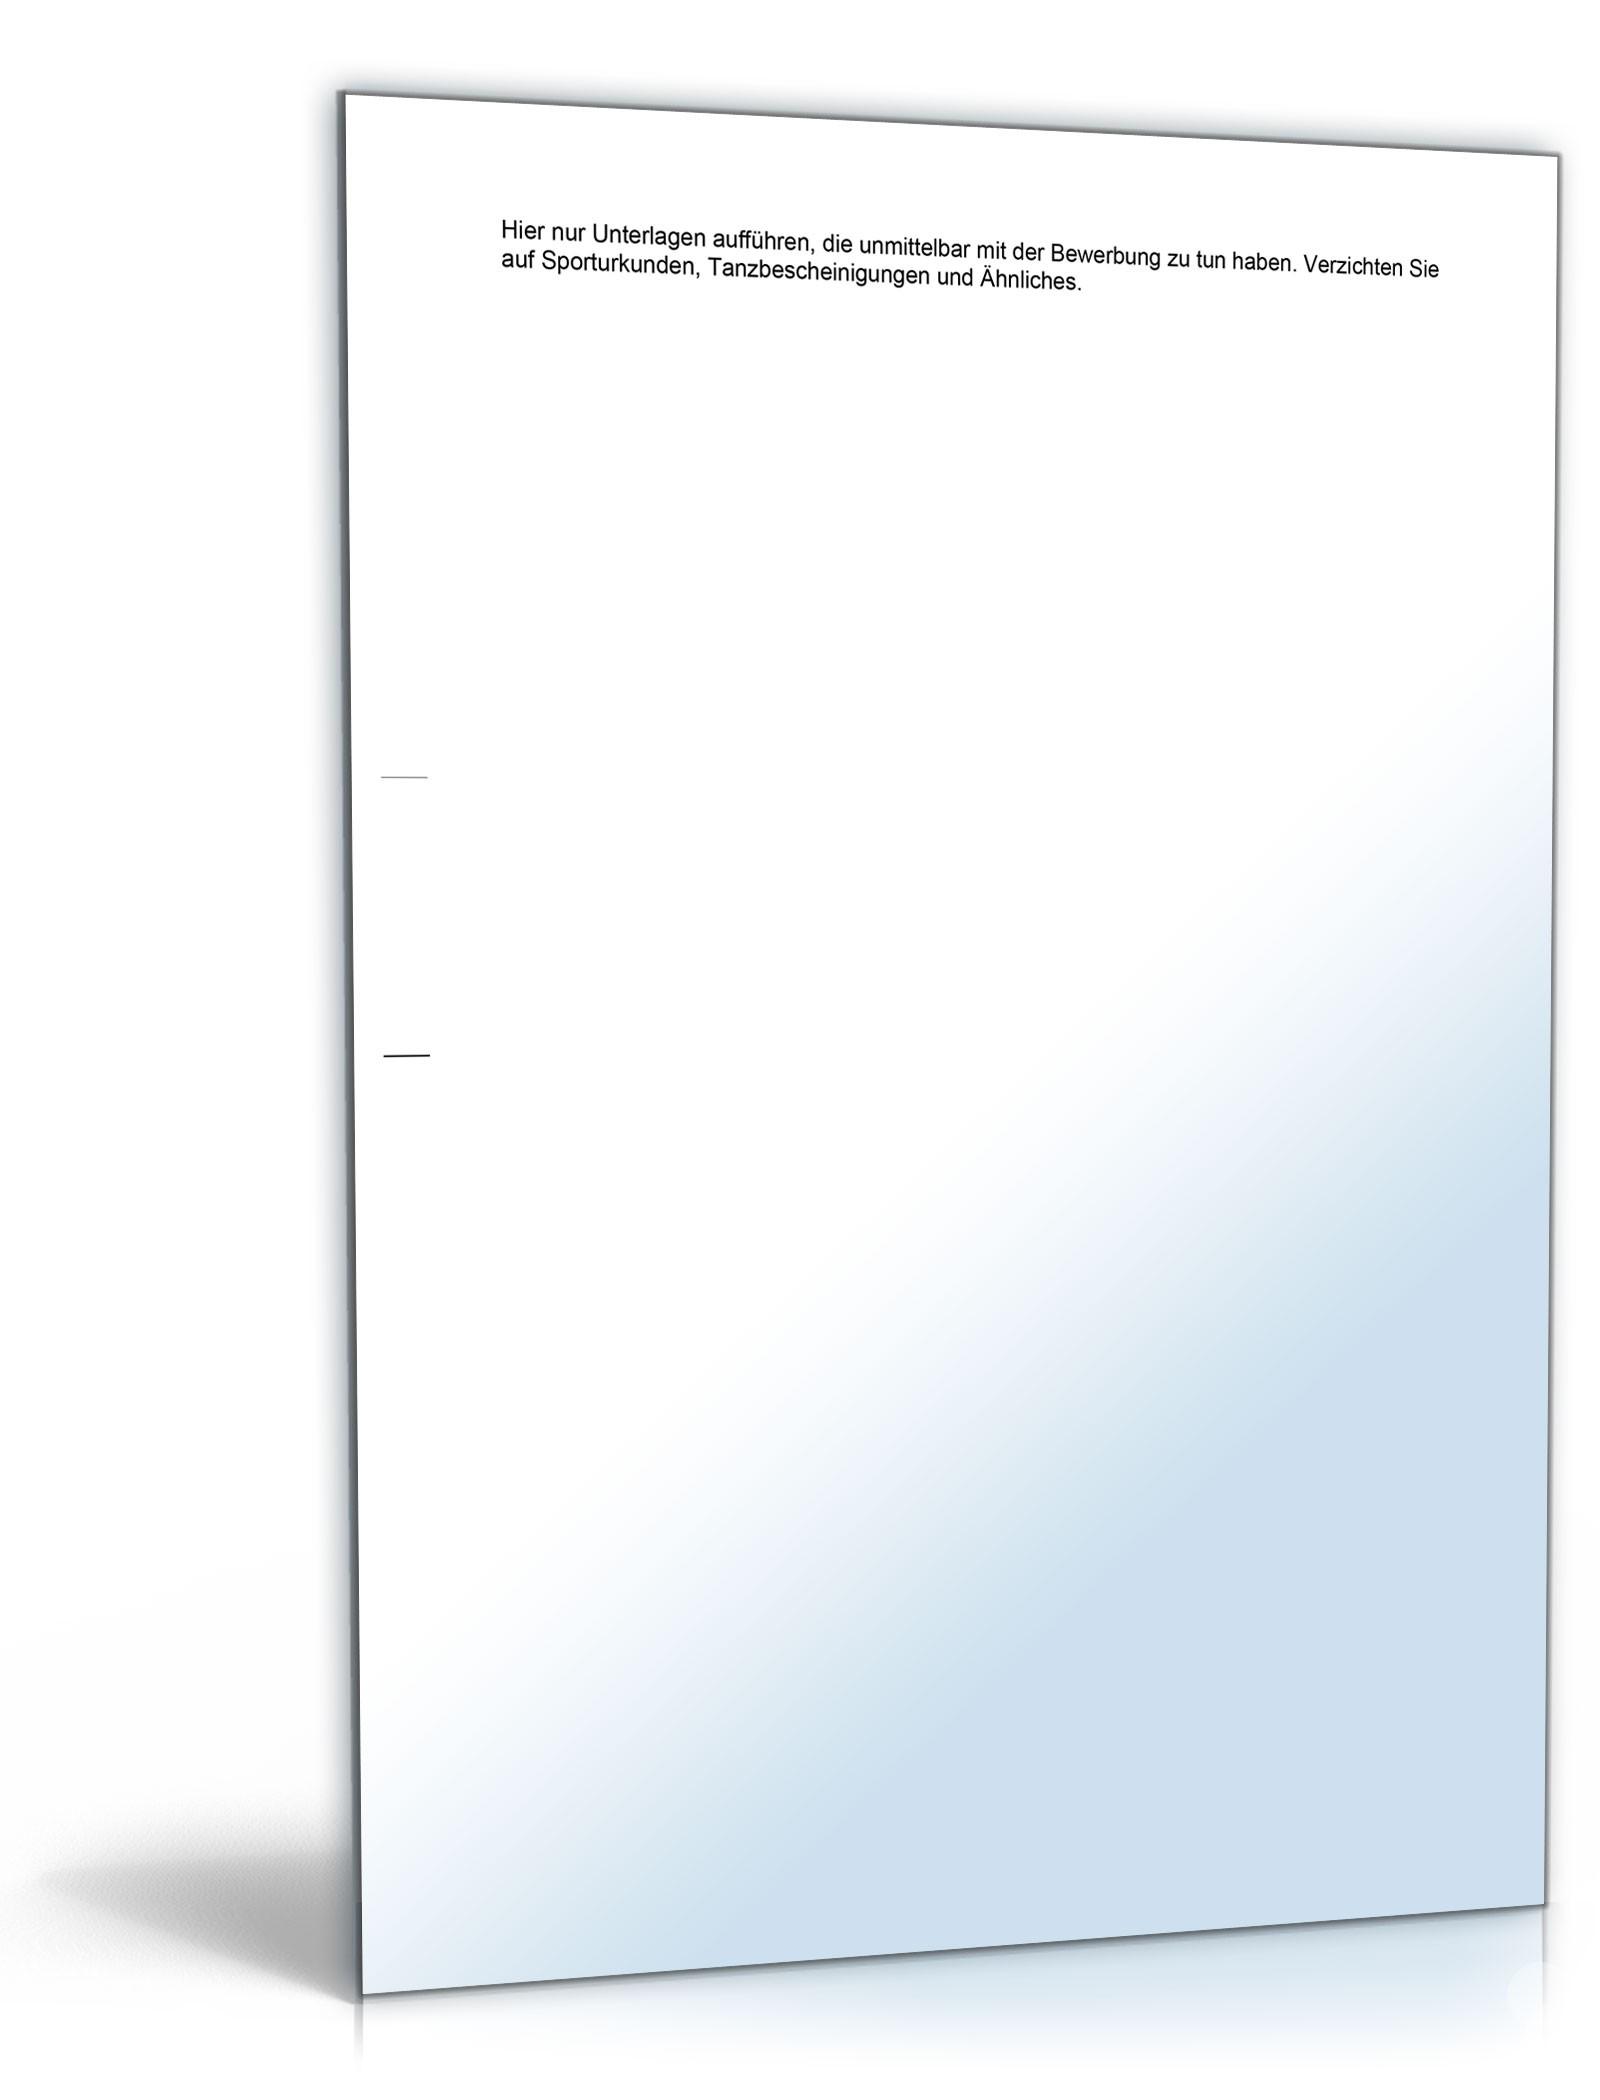 Großartig Ziel Des Banklebenslaufs Ideen - Entry Level Resume ...